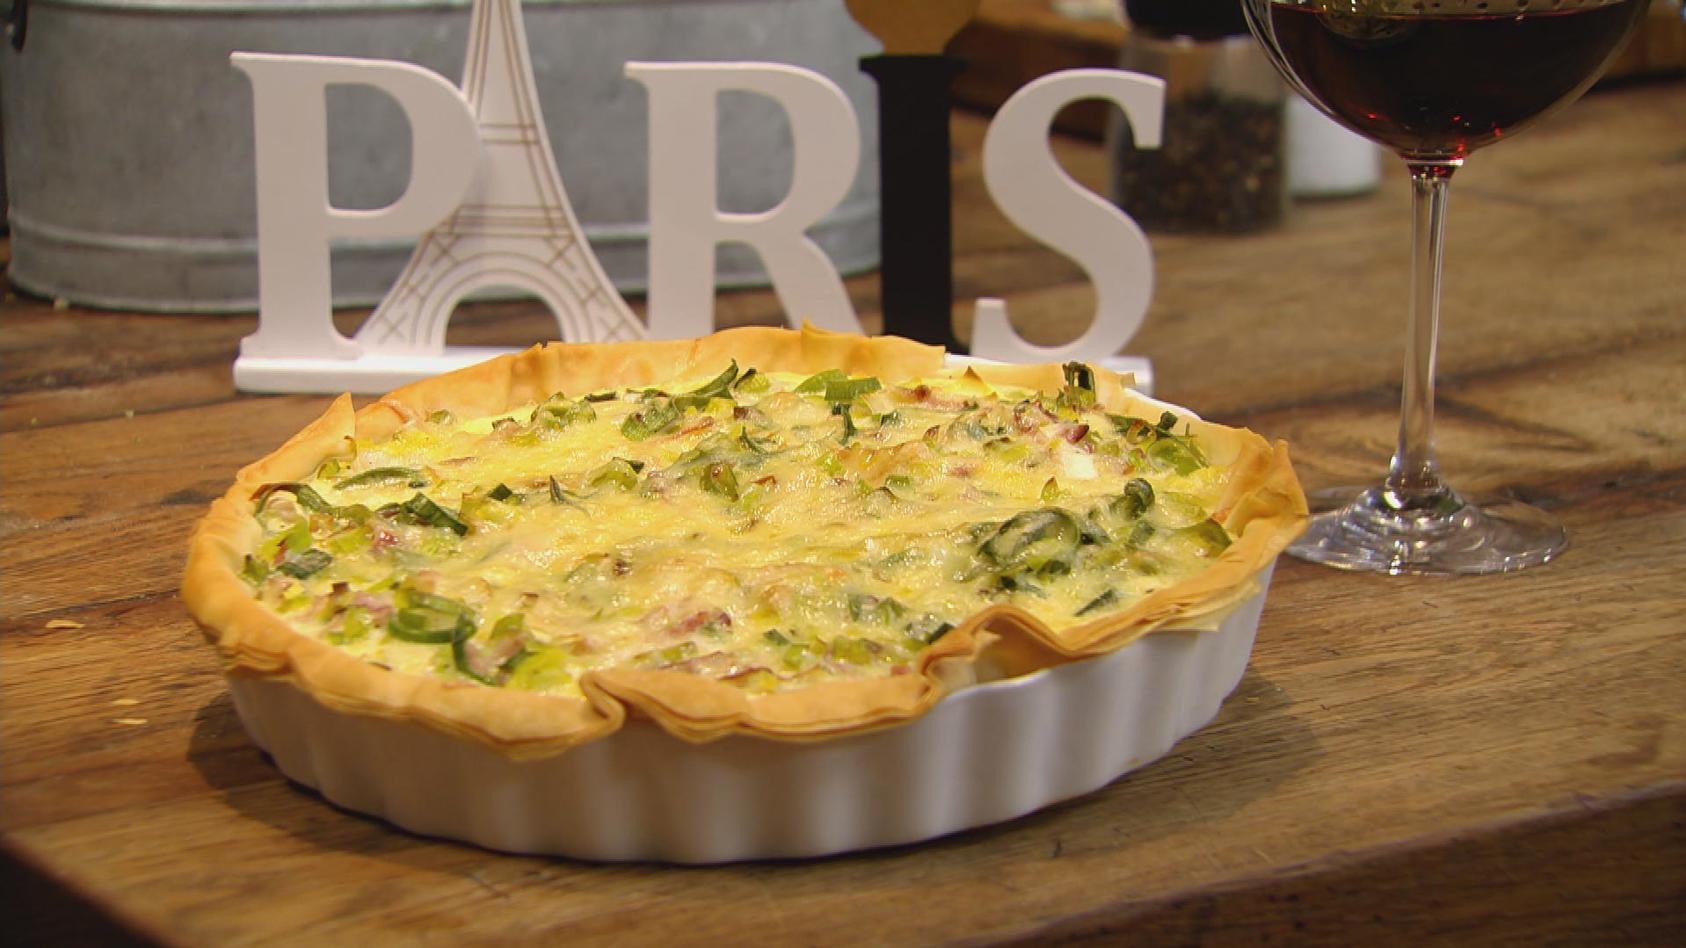 Ab in den Urlaub! Kulinarische Grüße aus Frankreich: Quiche Lorraine